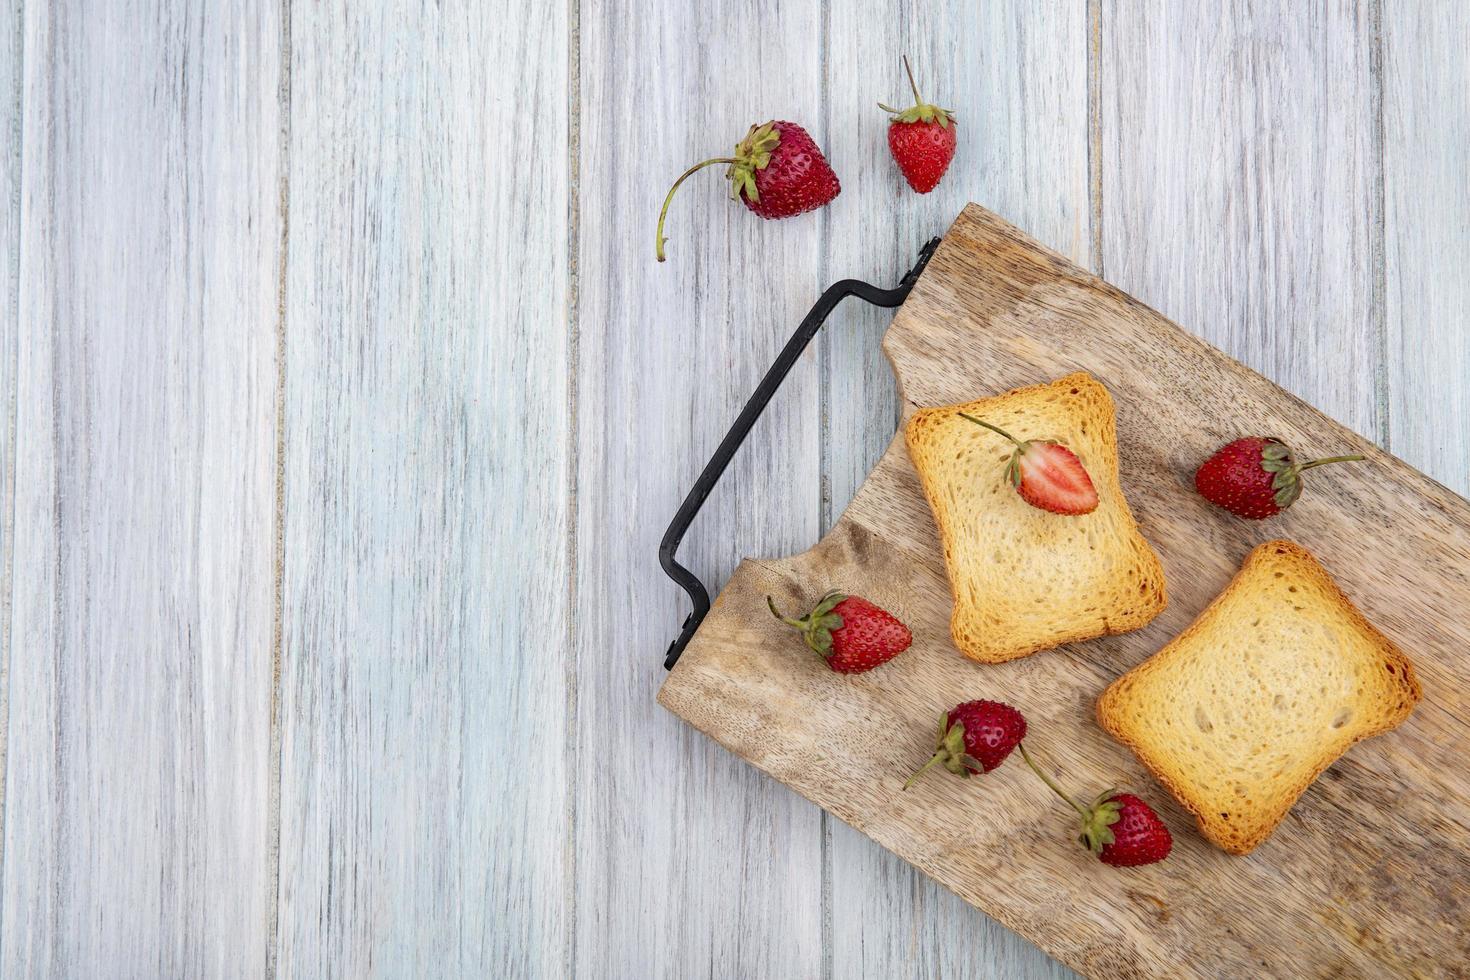 bovenaanzicht van verse aardbeien met sneetjes geroosterd brood foto